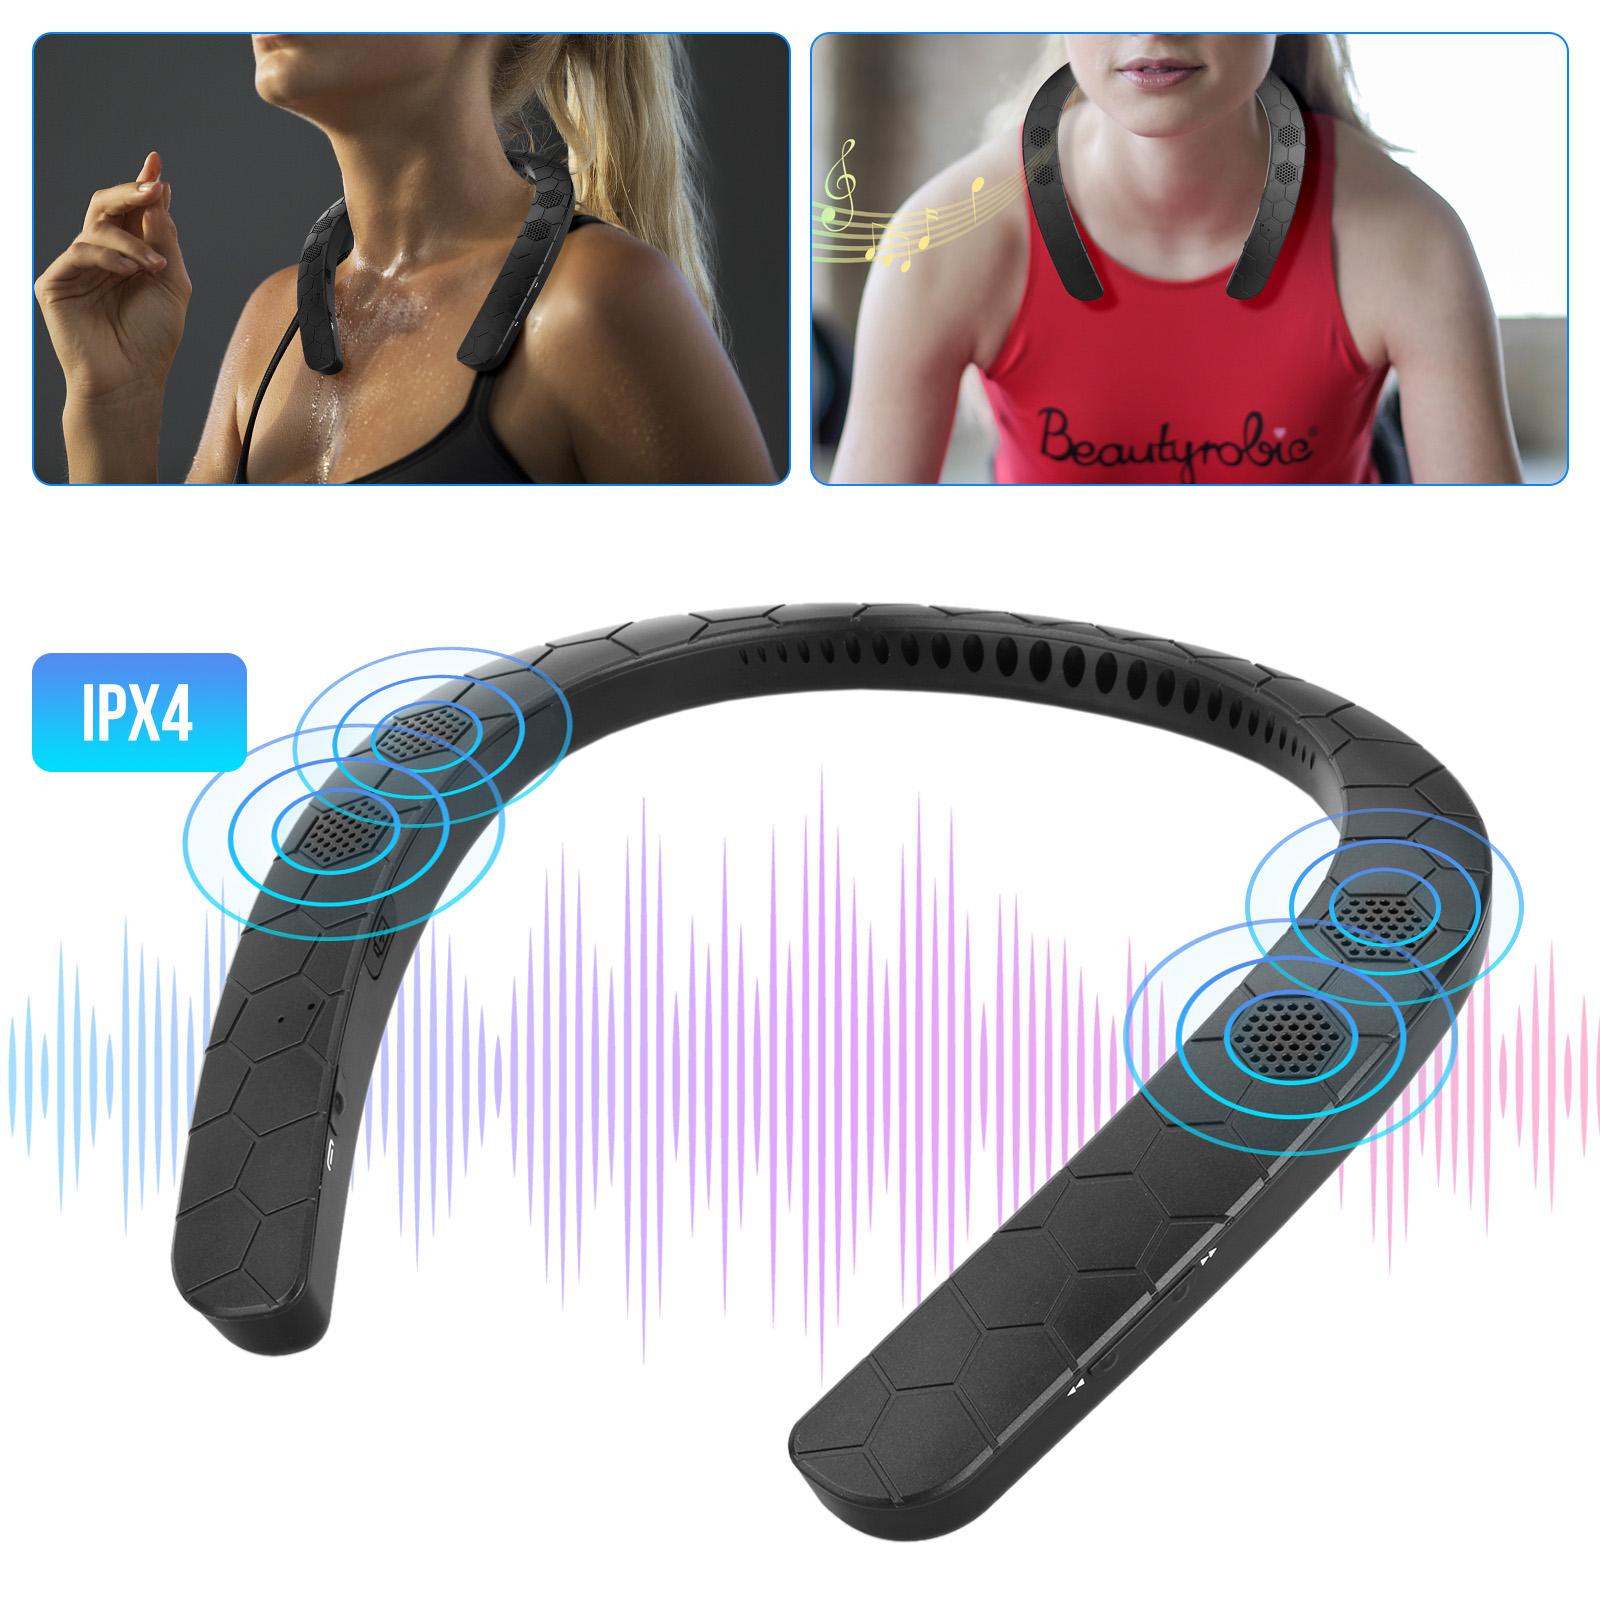 BT Wireless Neckband Neck Speaker Stereo Music Sports Speake